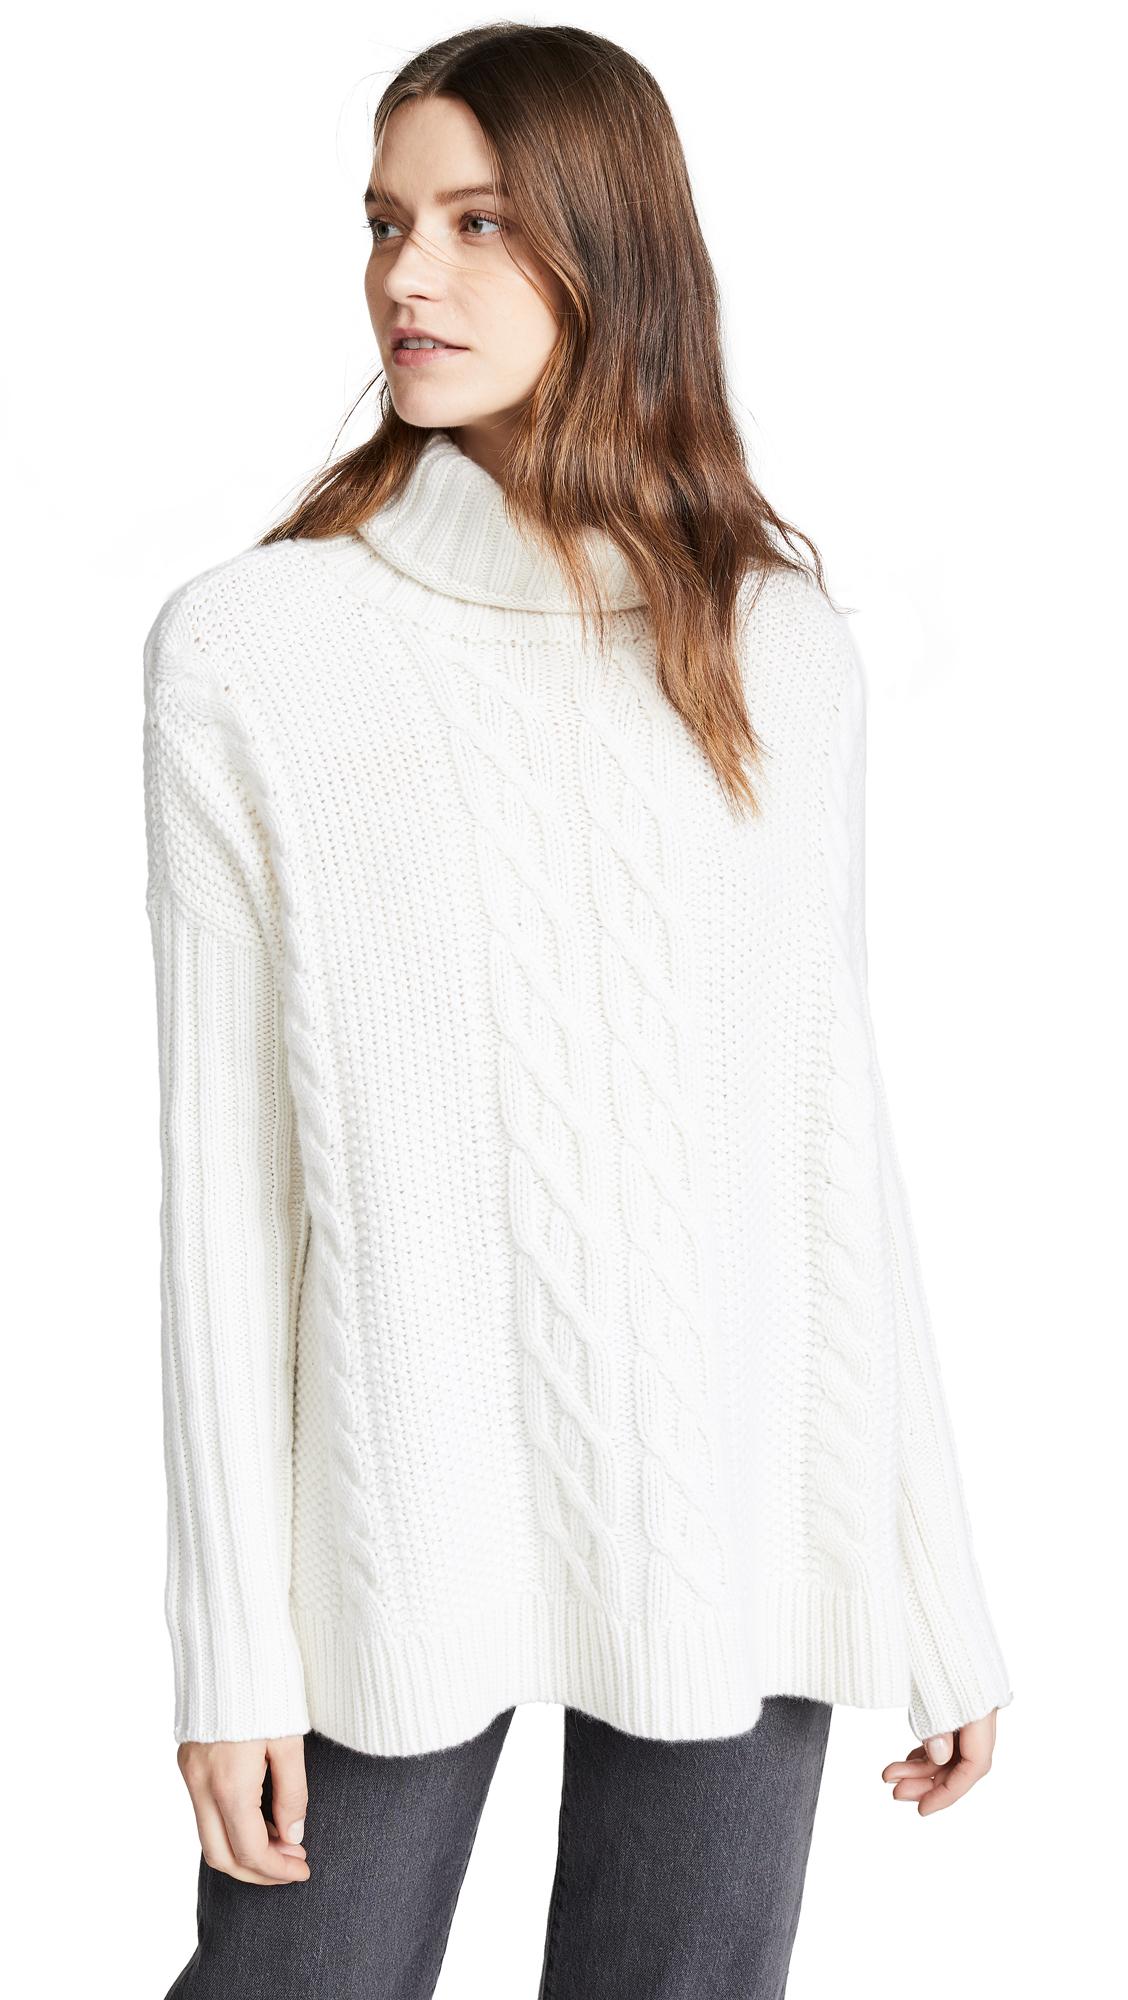 TSE CASHMERE Cashmere Poncho Sweater in Crème